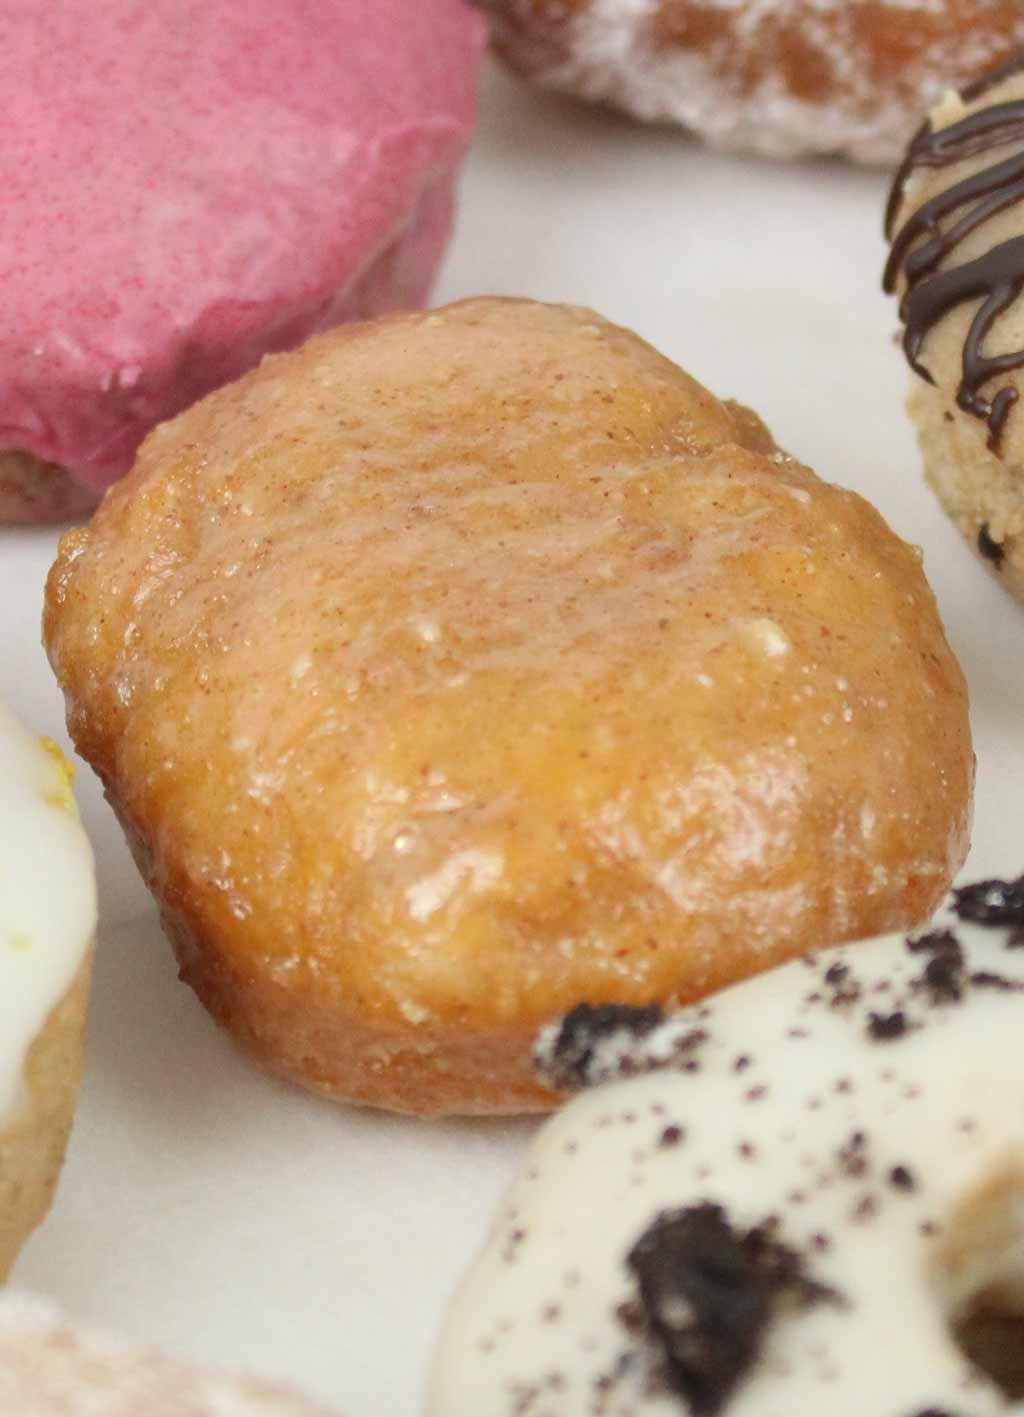 peanut butter glaze donut